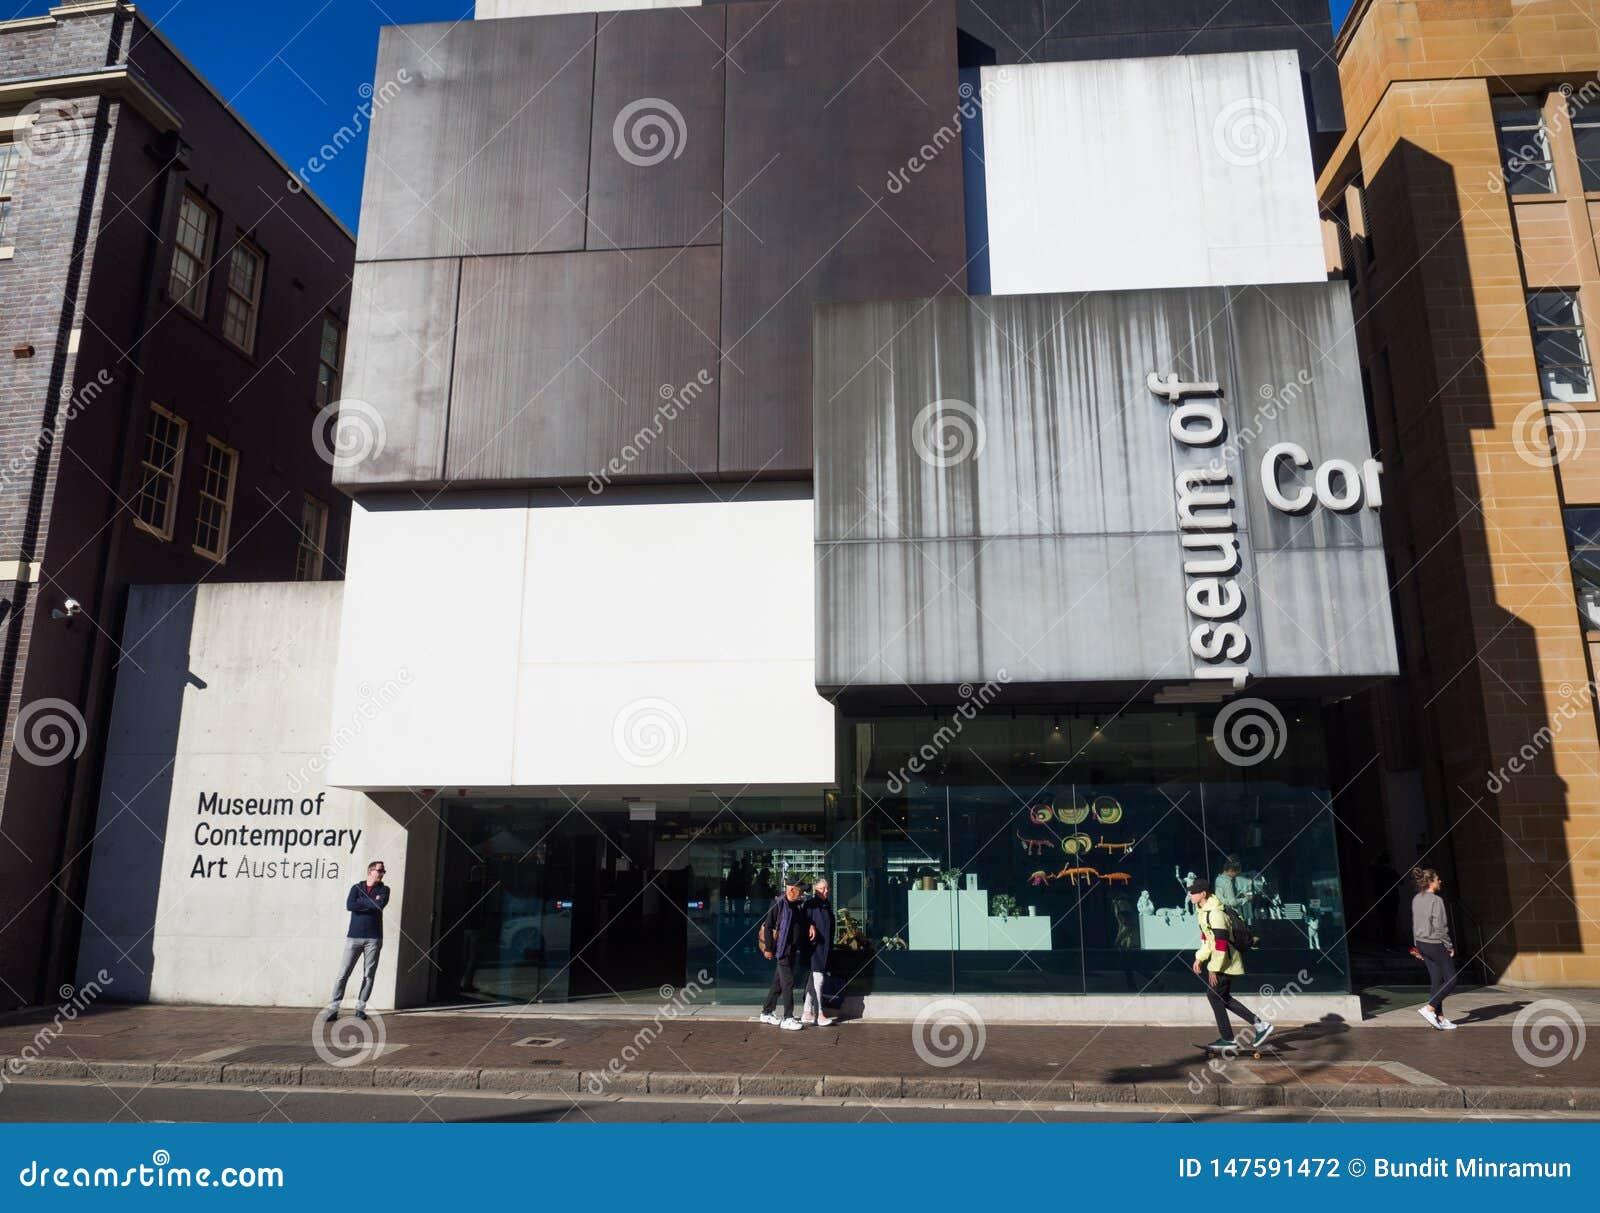 La costruzione della facciata del museo del MCA contemporaneo di Art Australia ? il museo principale dell Australia dedicato all